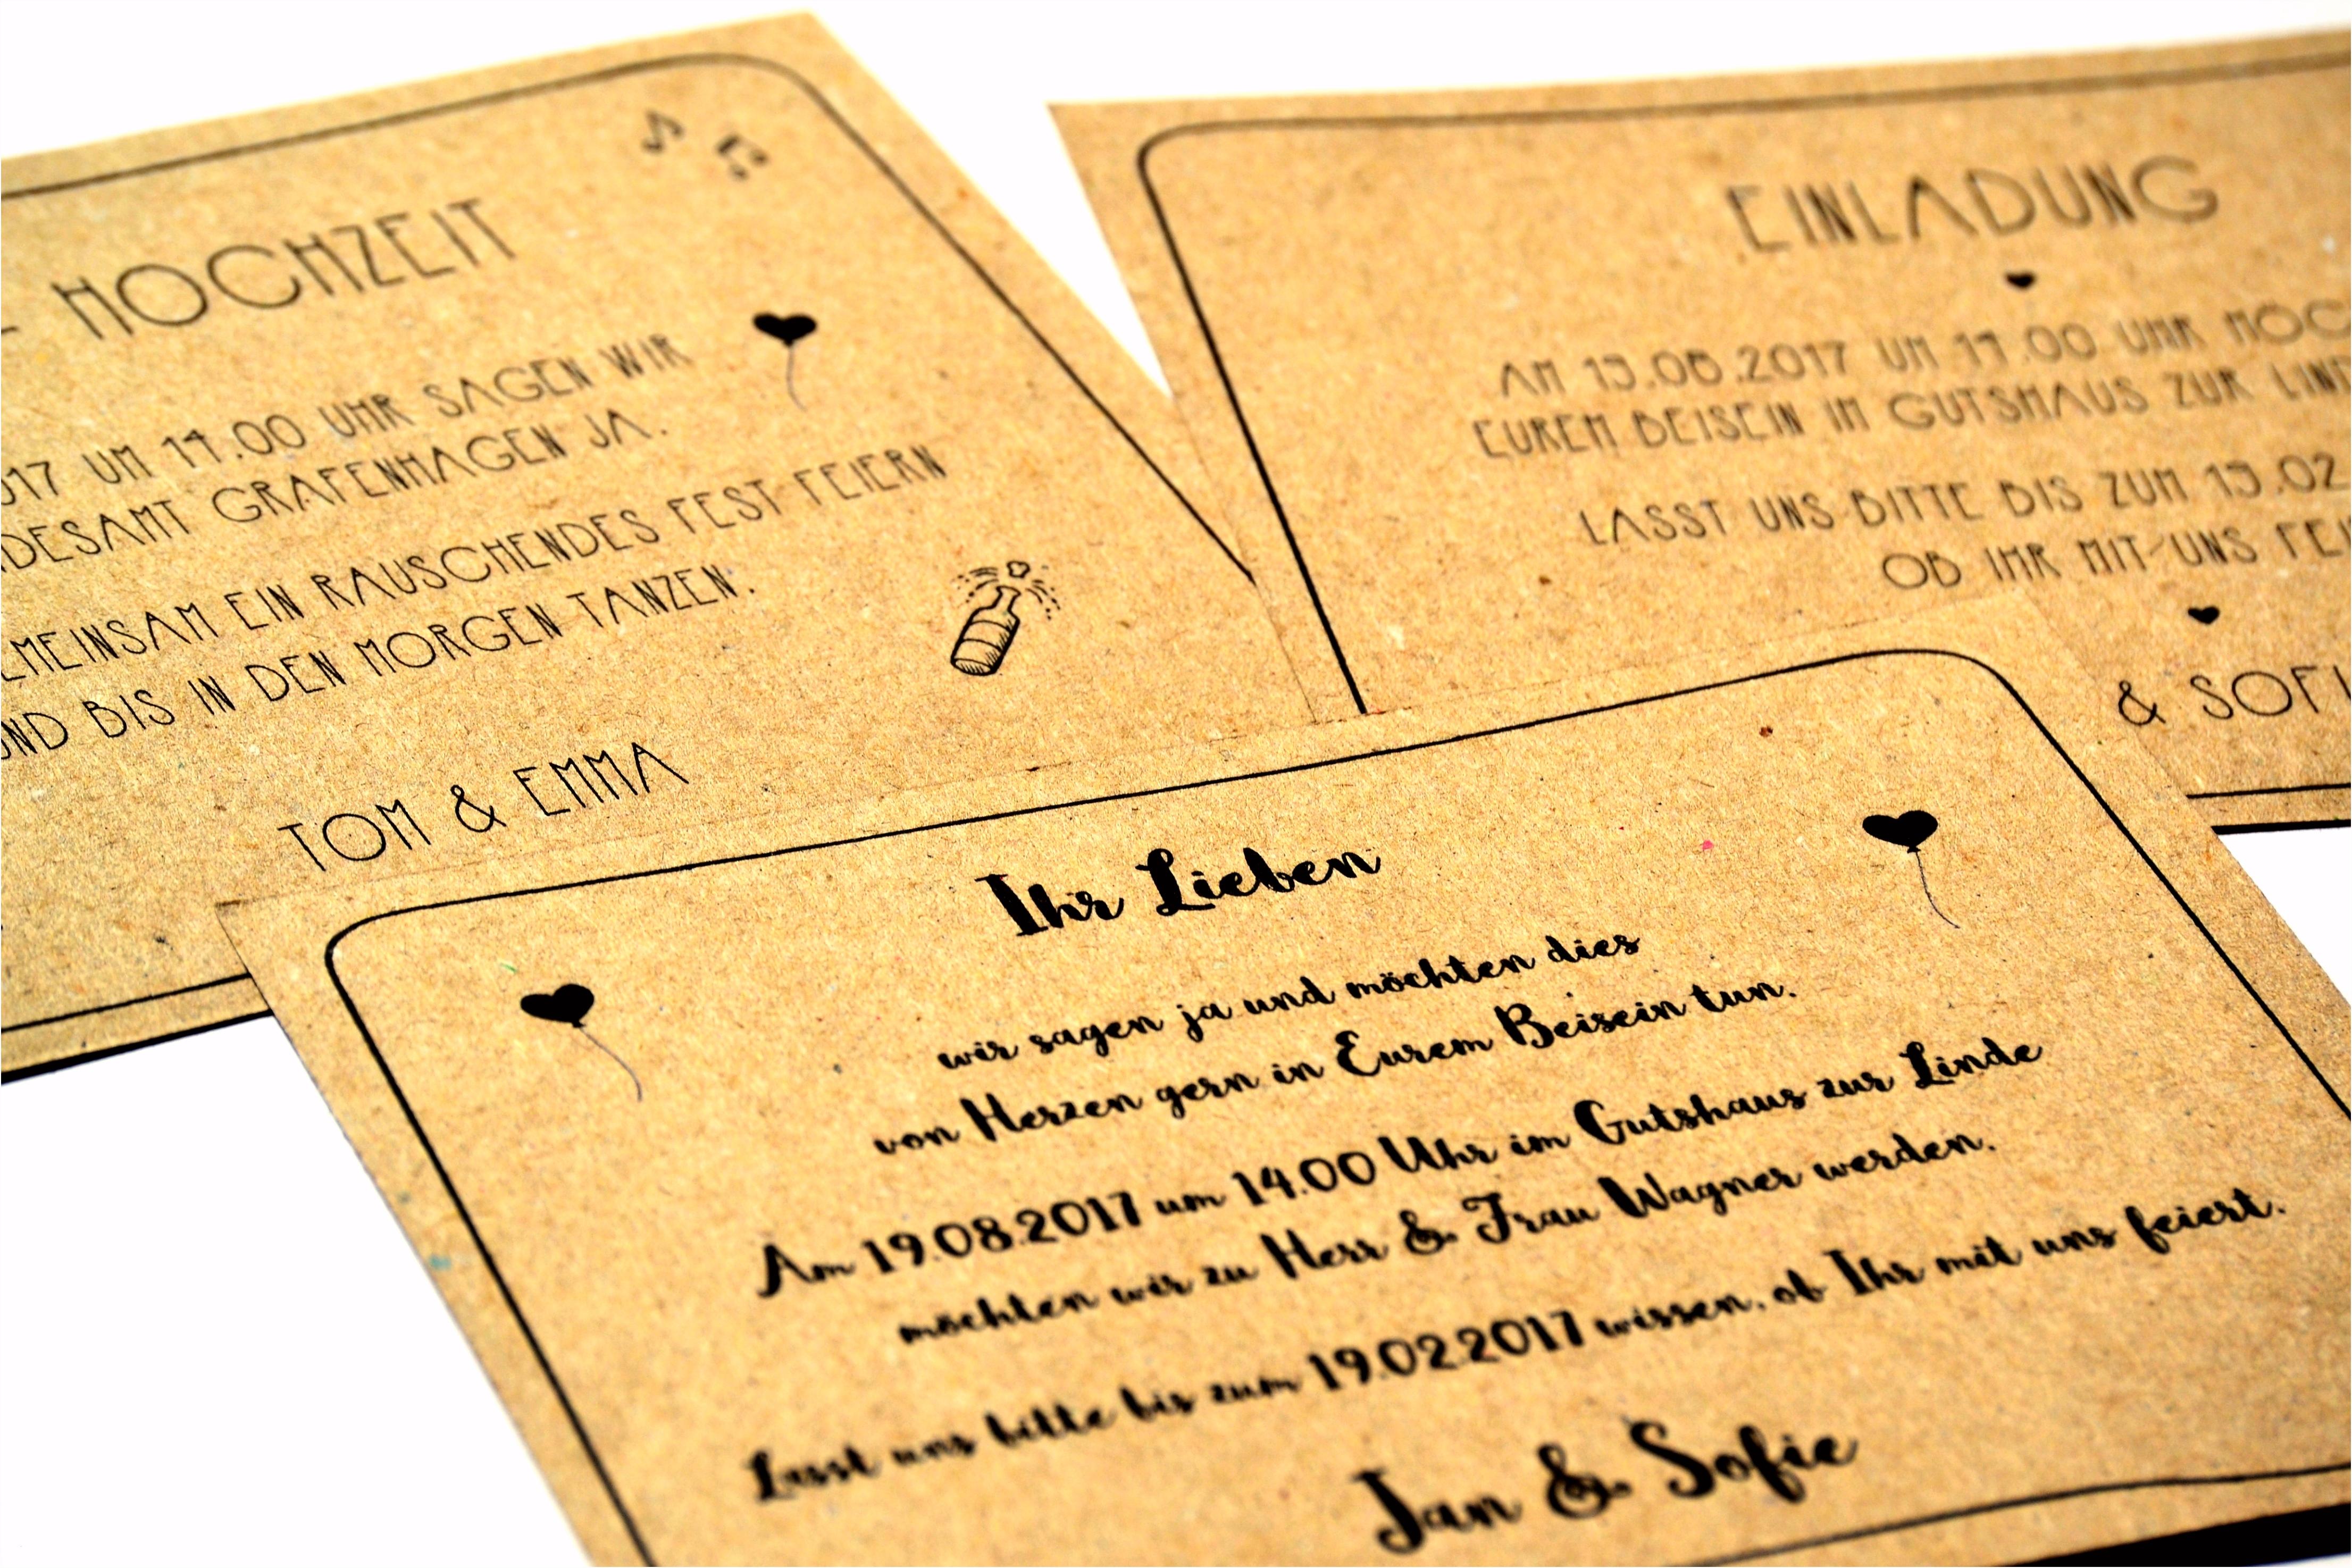 Einladung Gartenparty Vorlage Einladung Gartenparty Hochzeit Einladung Text Zur Hochzeit E6zh53bdy0 Juarhugdq6